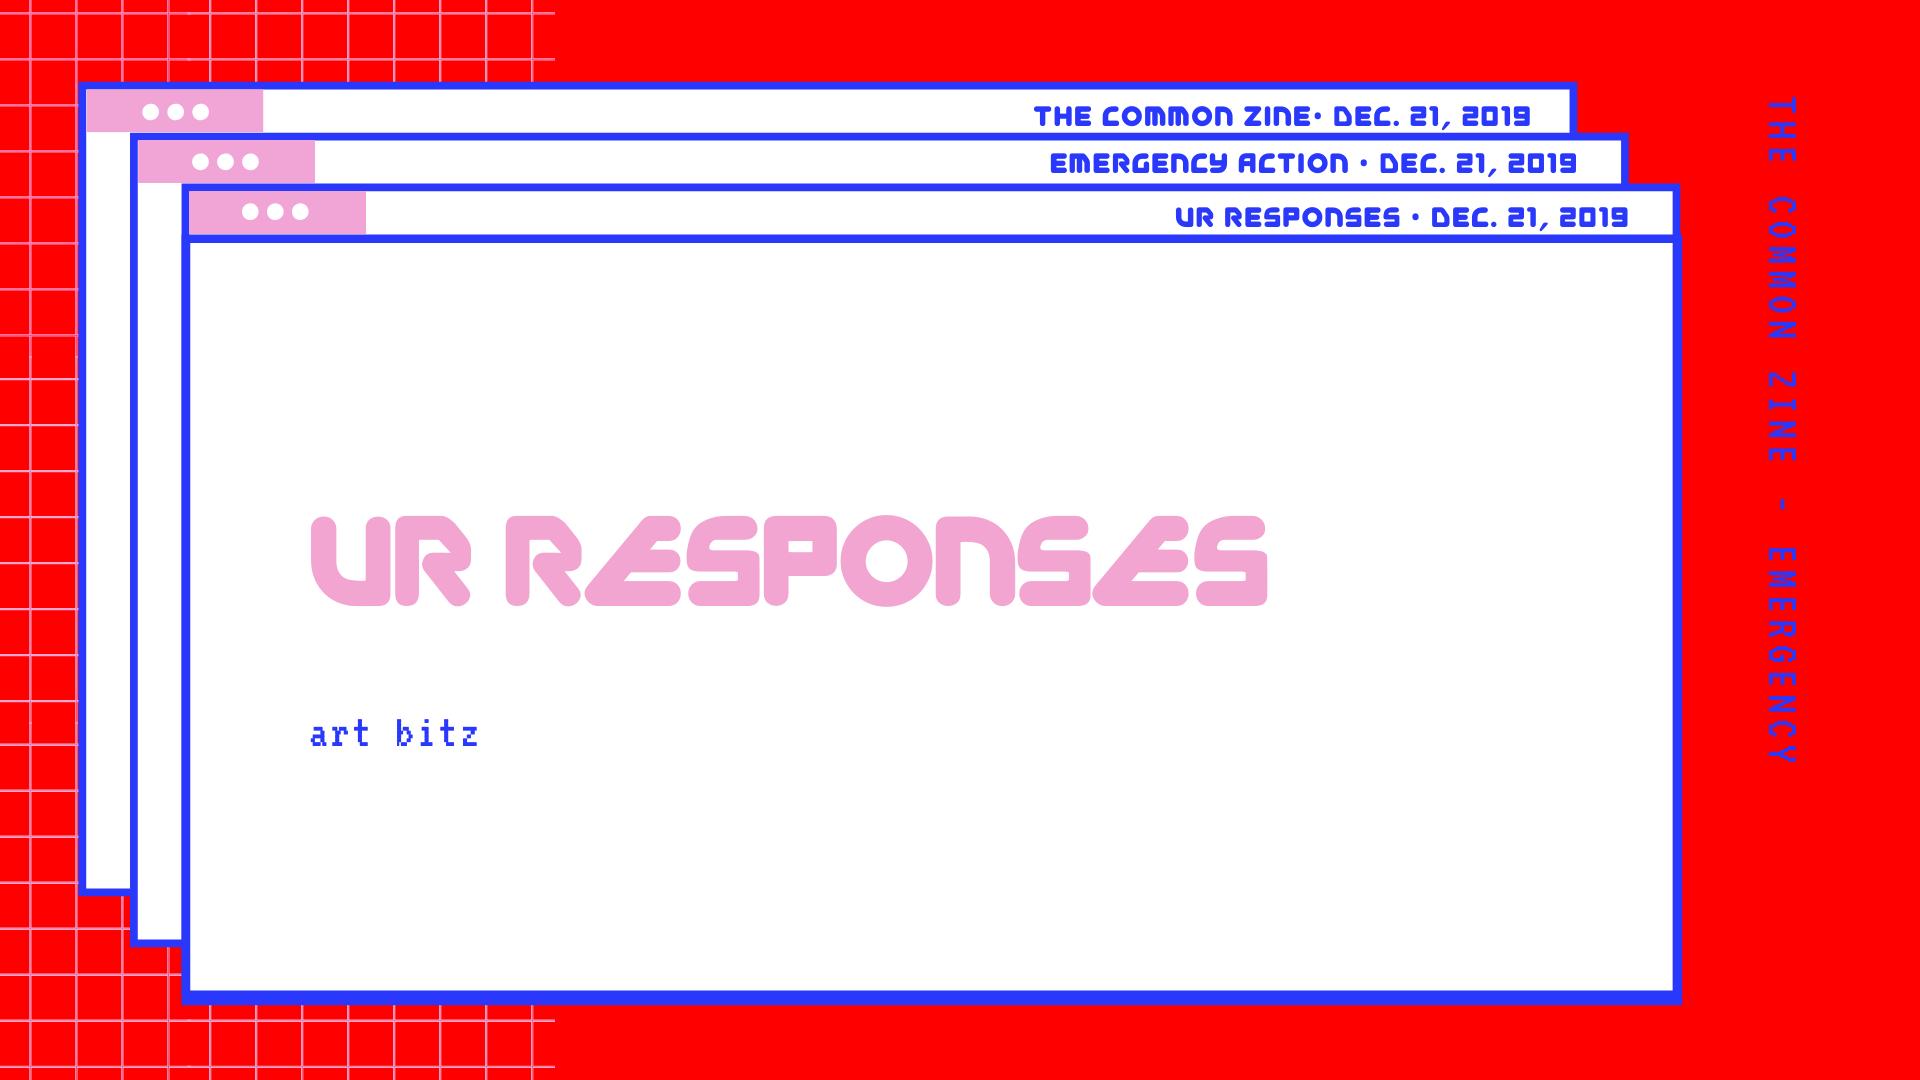 ur responses